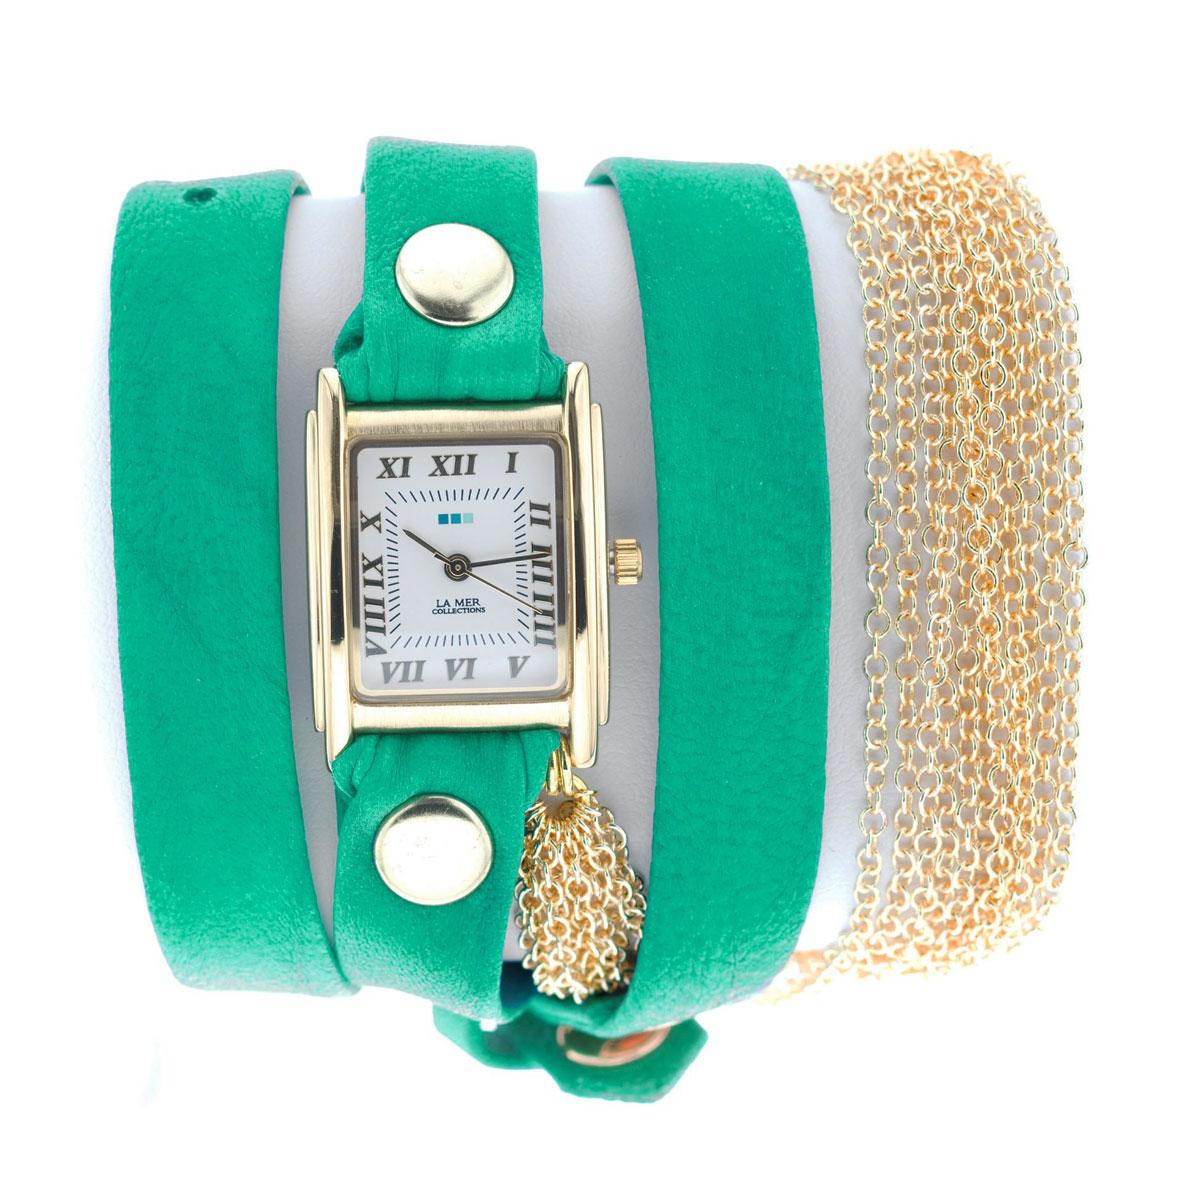 Часы наручные женские La Mer Collections Chain Rio Gold Teal. LMMULTICW1021TEALLMMULTICW1021TEALЧасы оснащены японским кварцевым механизмом. Корпус прямоугольной формы выполнен из нержавеющей стали золотистого цвета. Оригинальный кожаный ремешок зеленого цвета отделан металлическими клепками и дополнен связкой цепочек. Каждая модель женских наручных часов La Mer Collections имеет эксклюзивный дизайн, в основу которого положено необычное сочетание классических циферблатов с удлиненными кожаными ремешками. Оборачиваясь вокруг запястья несколько раз, они образуют эффект кожаного браслета, превращая часы в женственный аксессуар, который великолепно дополнит другие аксессуары и весь образ в целом. Дизайн La Mer Collections отвечает всем последним тенденциям моды и превосходно сочетается с модными сумками, ремнями, обувью и другими элементами гардероба современных девушек. Часы La Mer - это еще и отличный подарок любимой девушке, сестре или подруге на день рождения, восьмое марта или новый год!